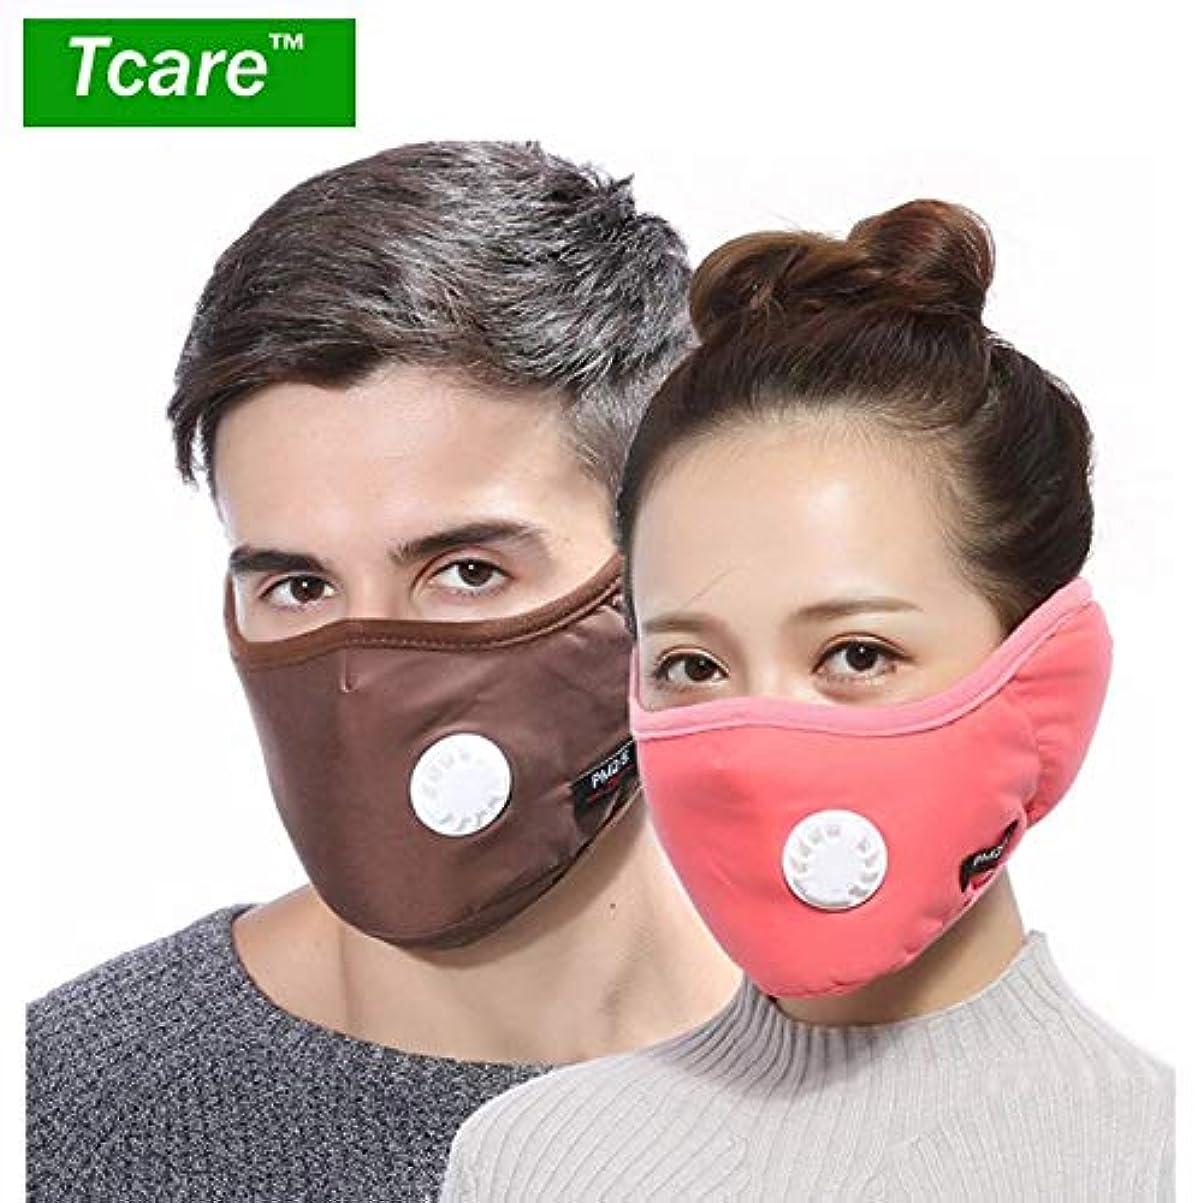 百科事典ヒューバートハドソン優雅な4レッド:1 PM2.5マスクバルブコットンアンチダスト口マスクの冬のイヤーマフActtedフィルター付マスクでTcare 2